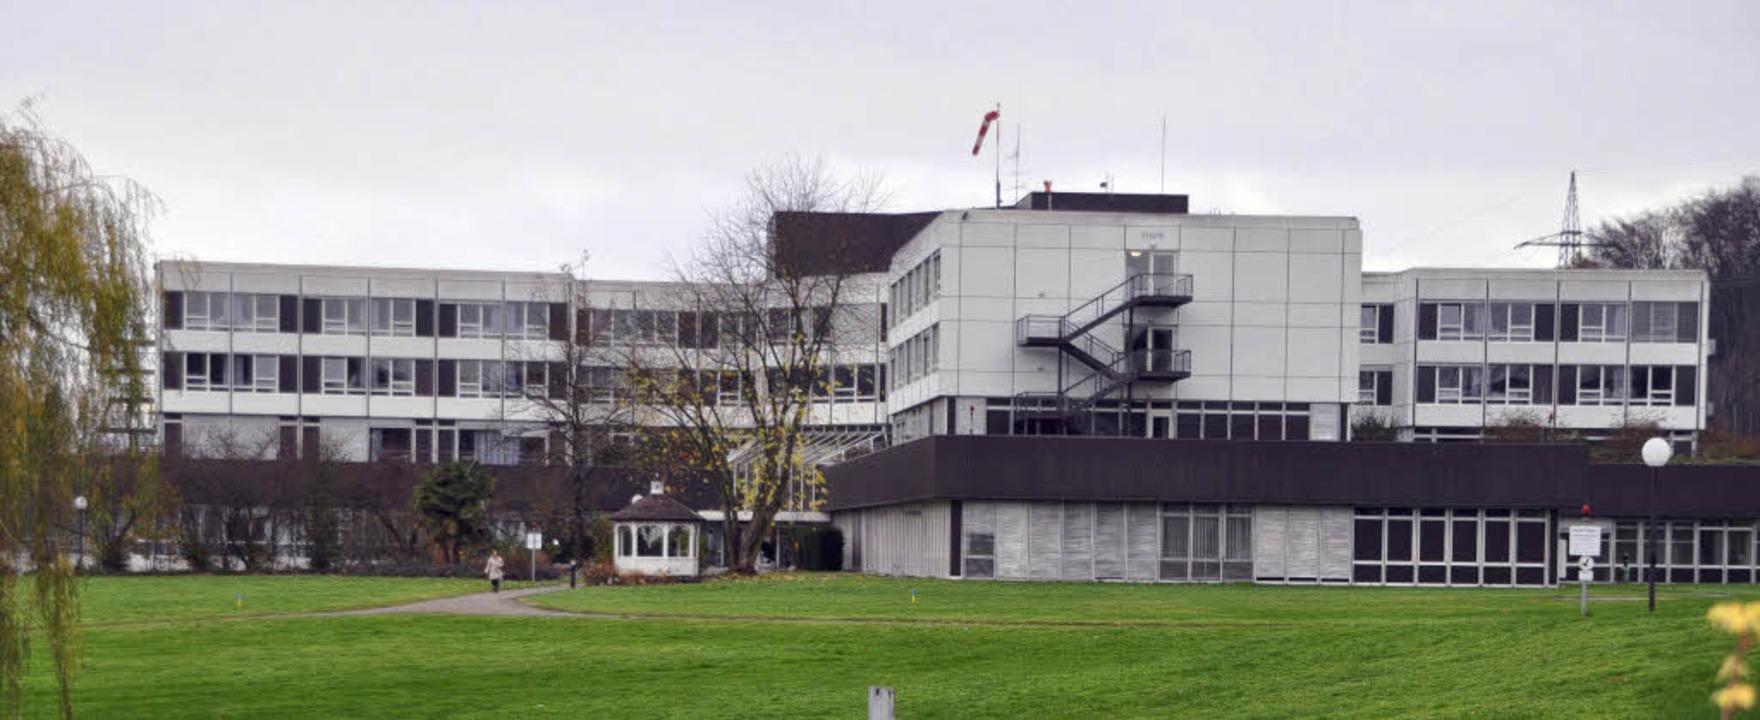 Geld fürs Kra nkenhaus Bad Säckingen g...gau-Bodensee-Hochrhein-Kliniken GmbH.   | Foto: Archivfoto: Willers